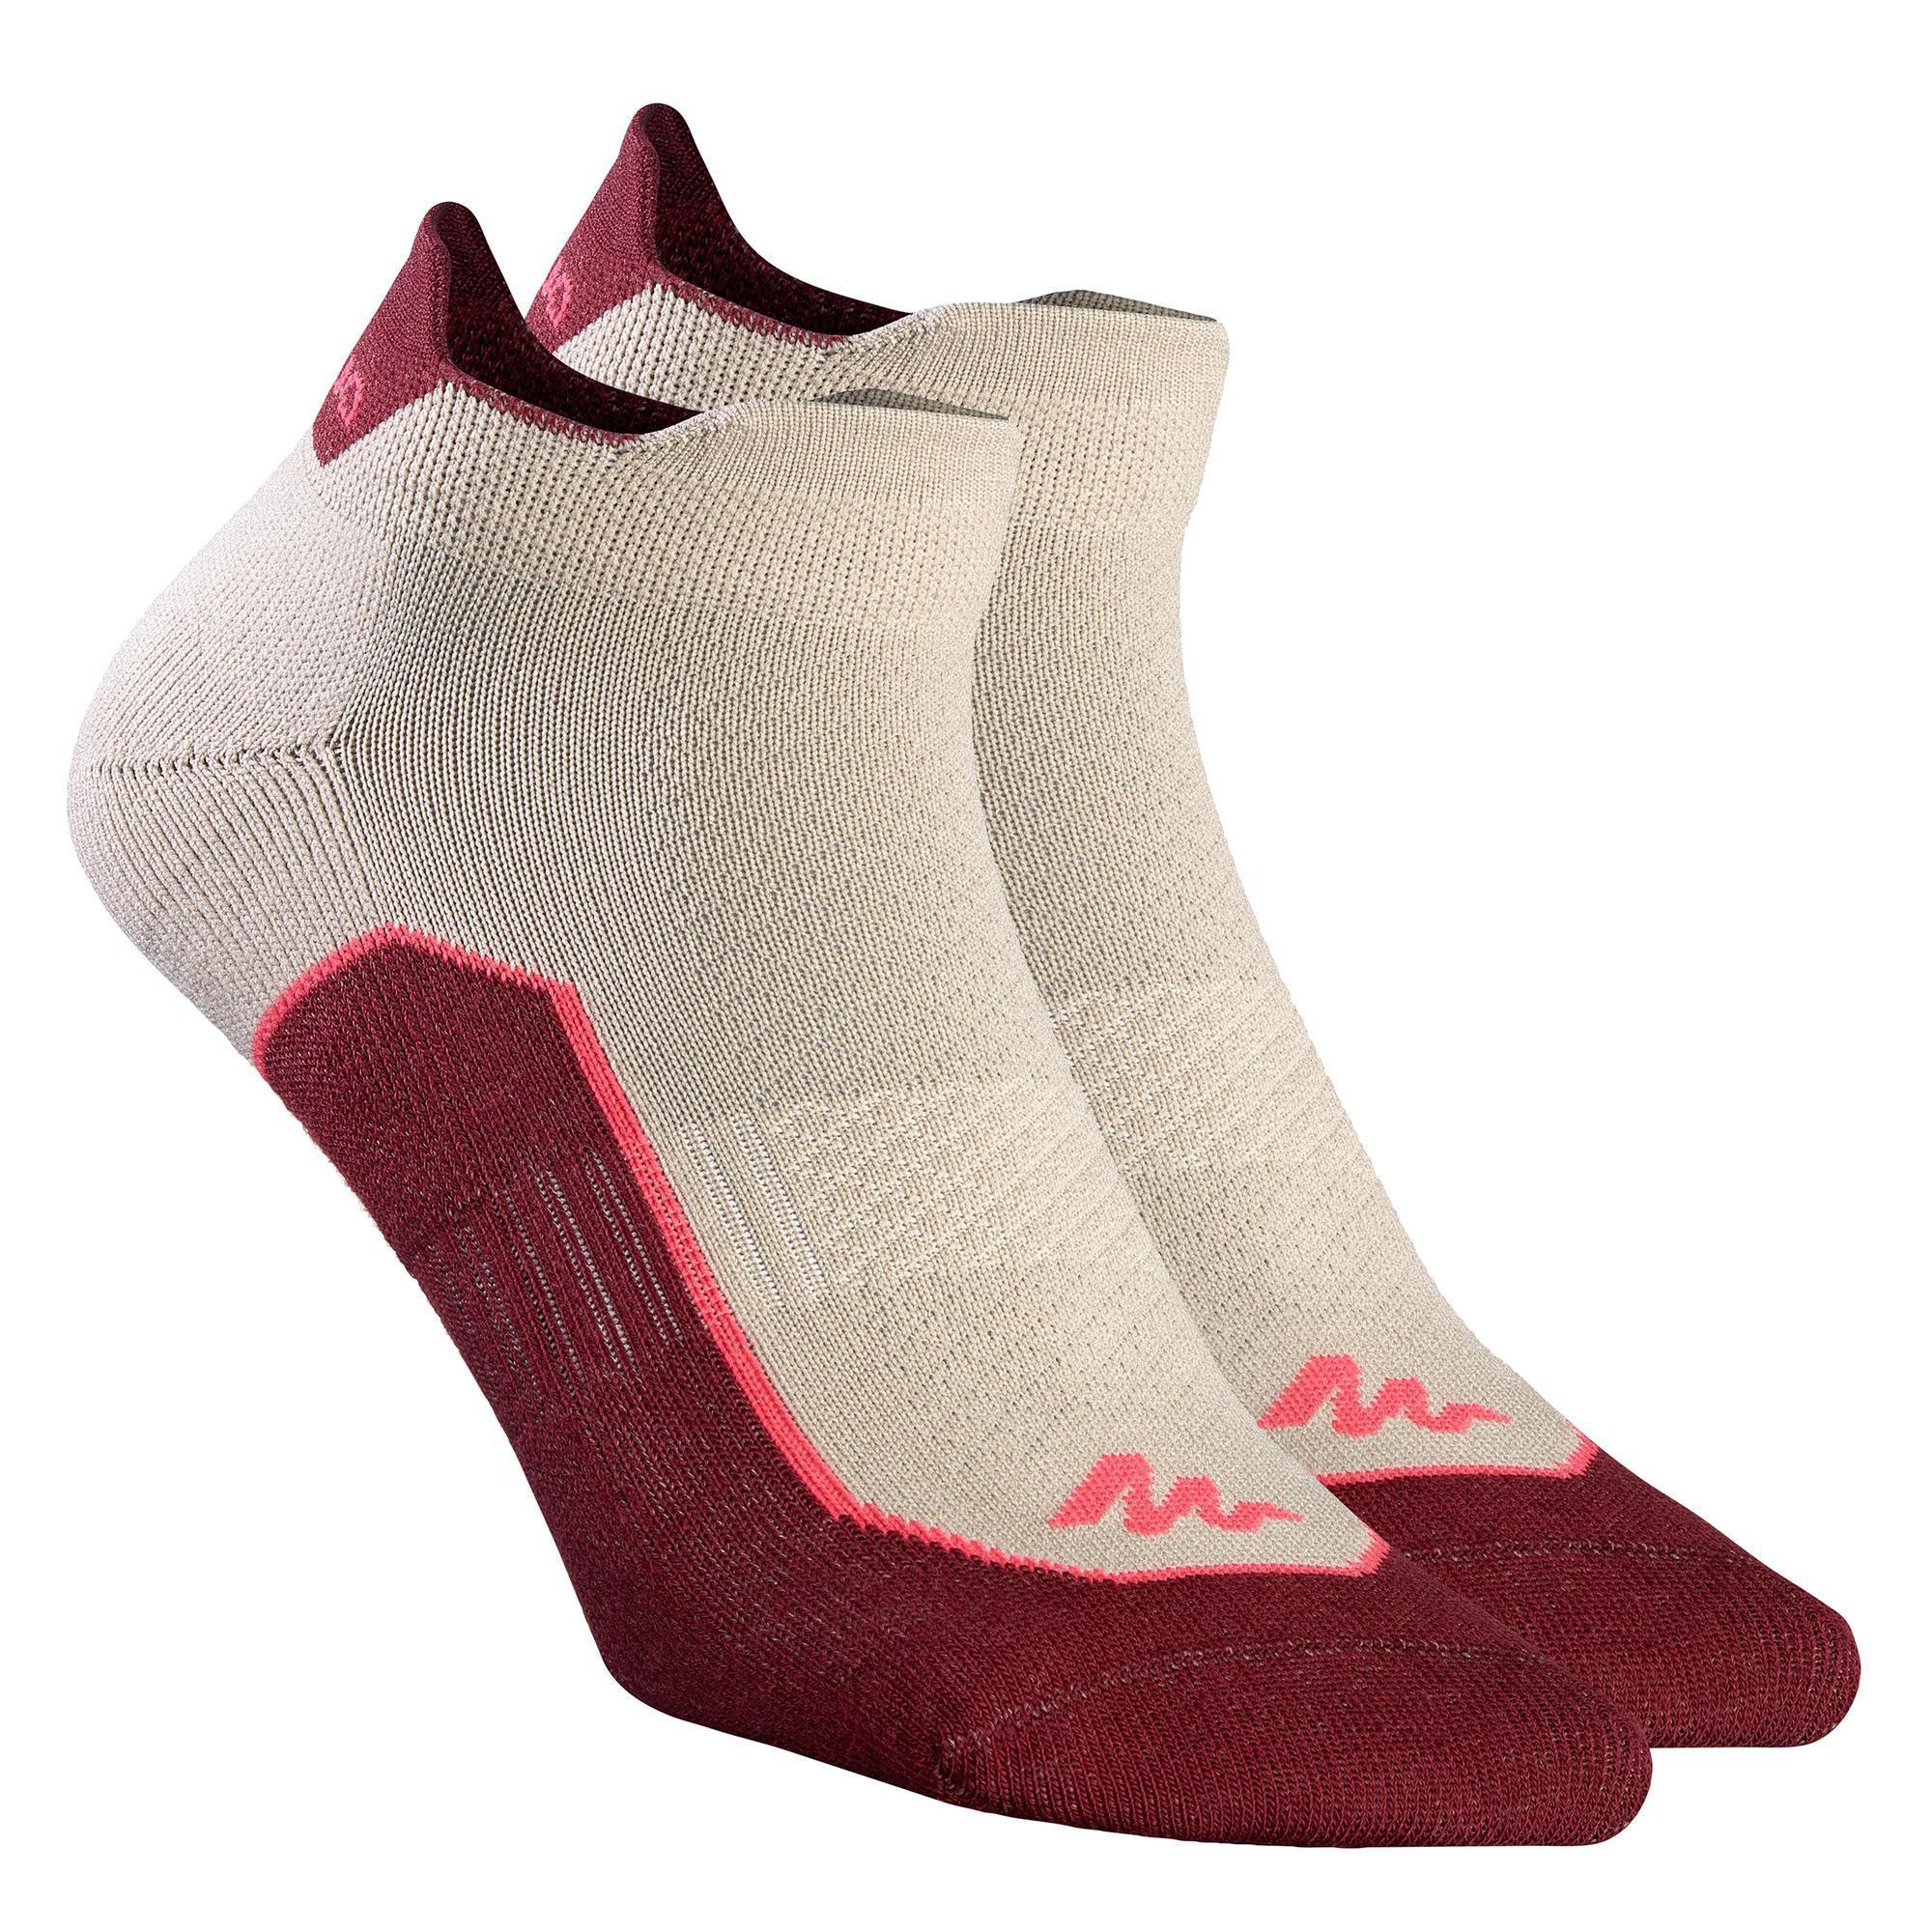 28ababa9173 Trekking sokken kopen? | Online of in de winkel | Decathlon.nl